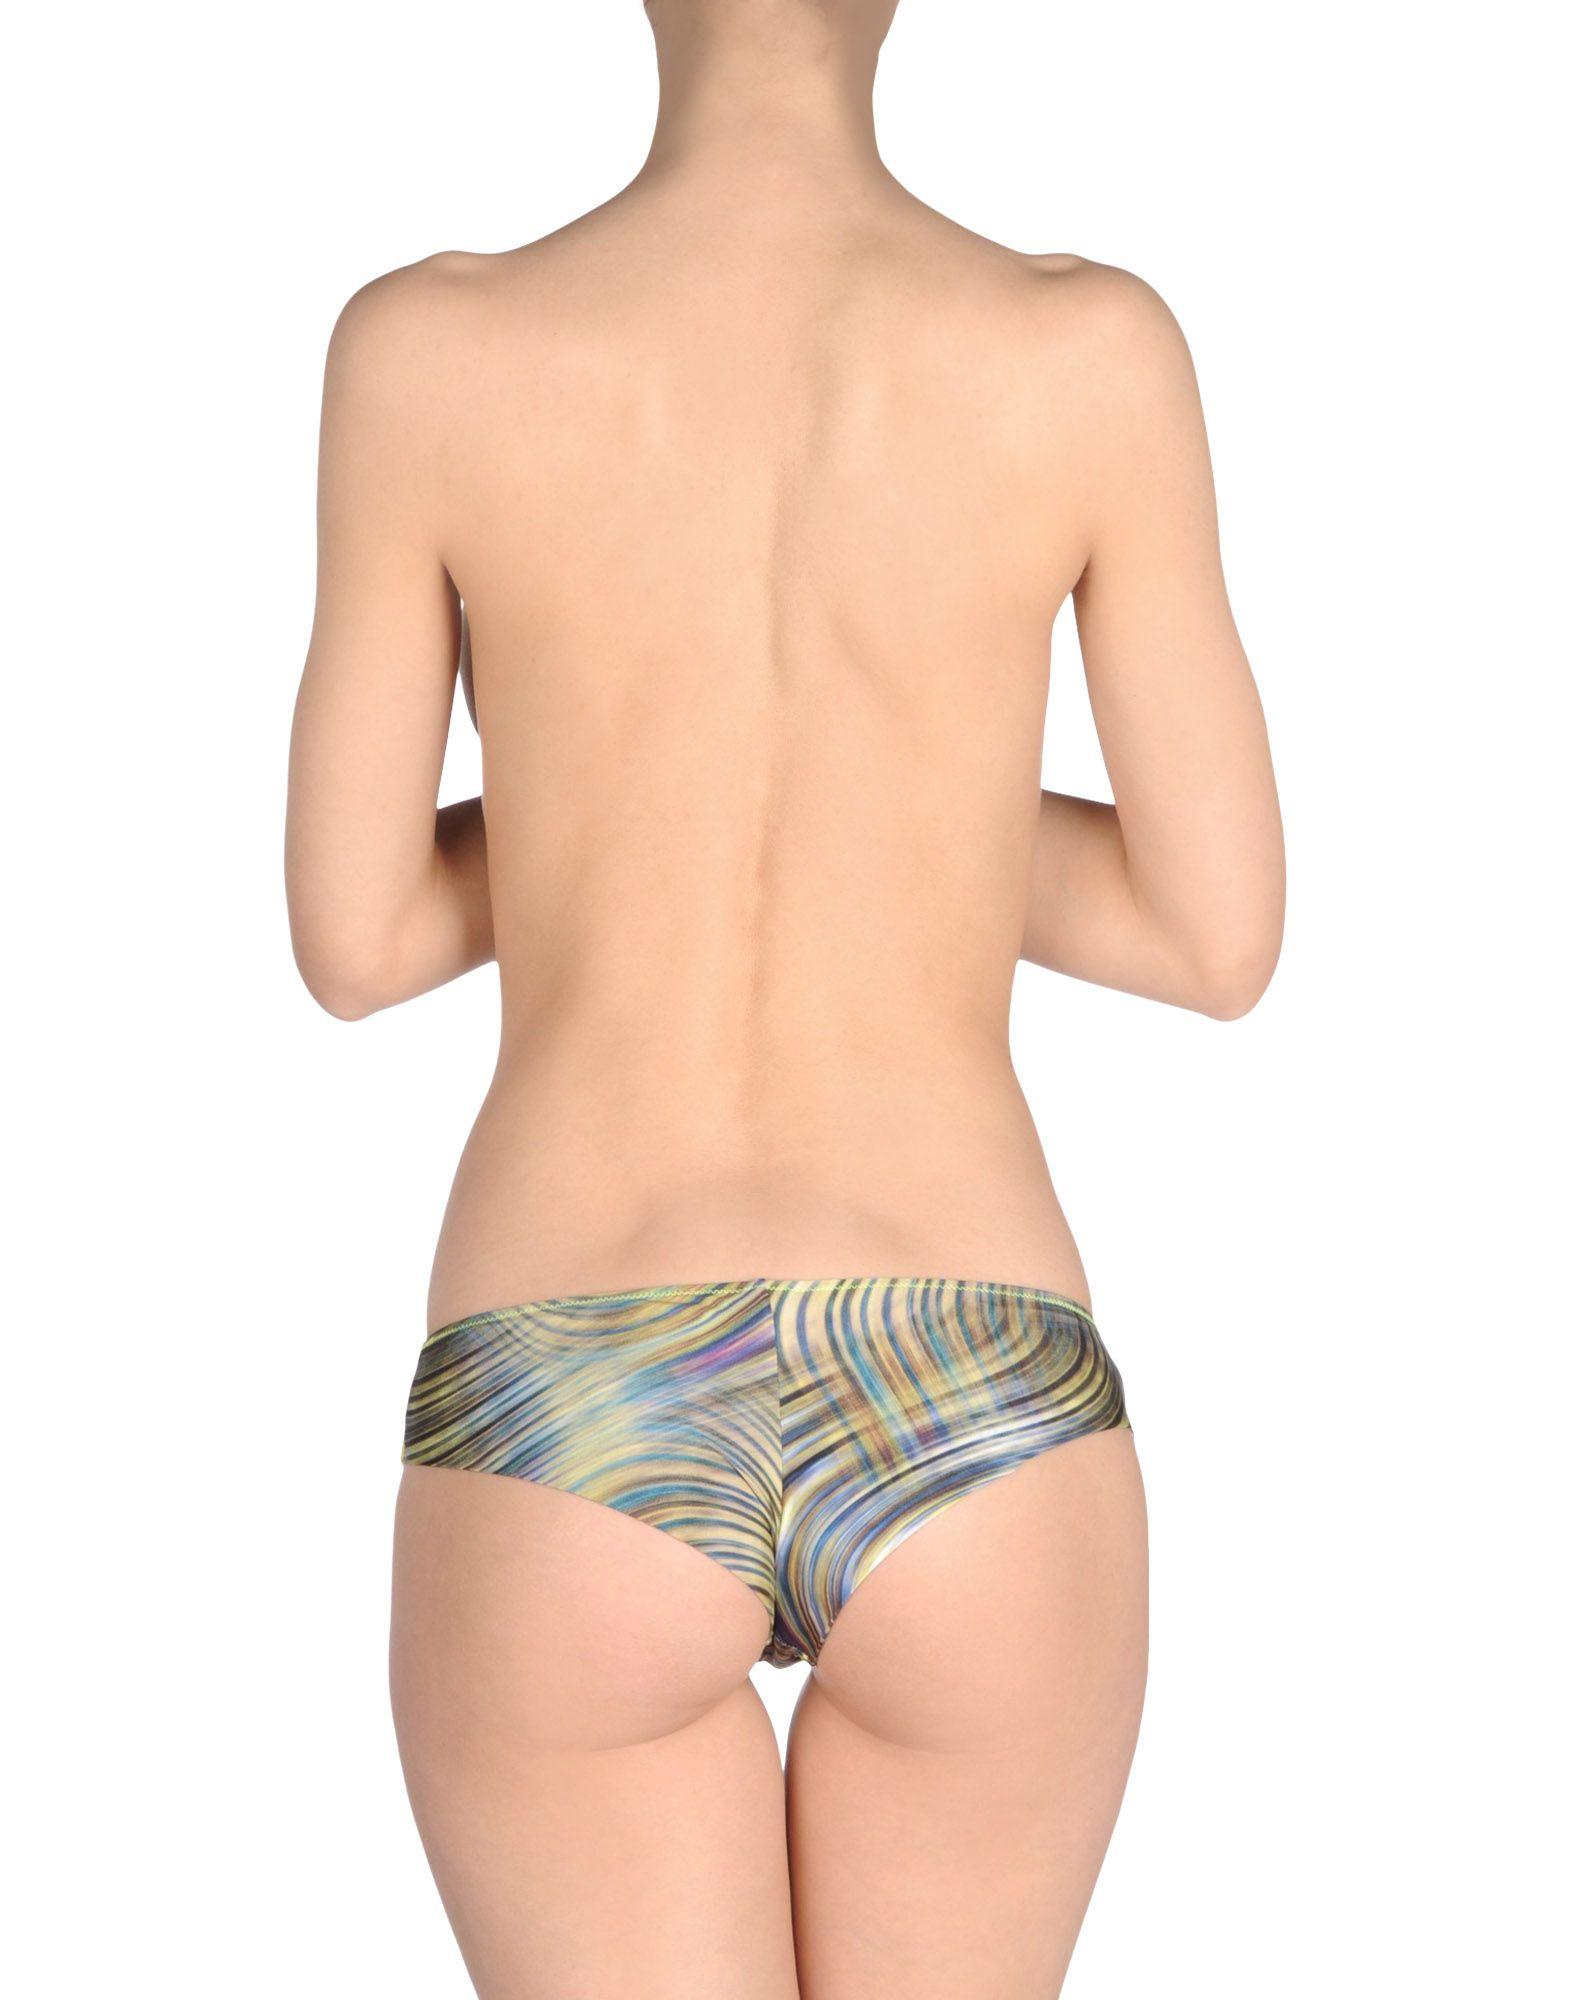 Liu jo Bikini Bottoms in Green